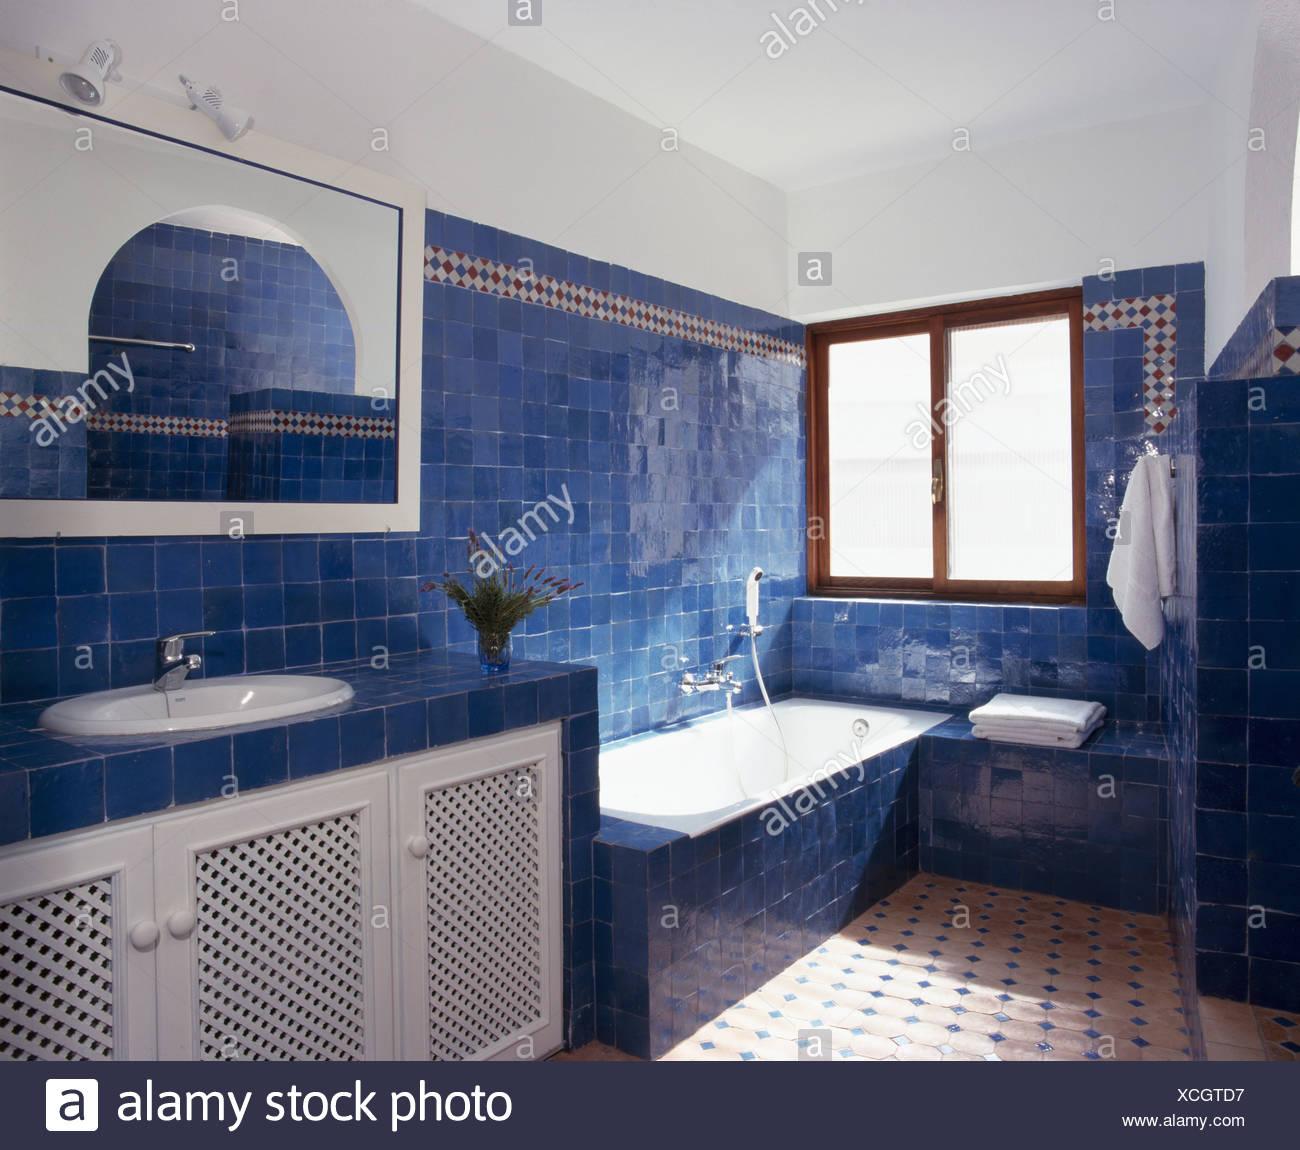 Carreaux bleu vif sur le mur au-dessus de baignoire dans la ...